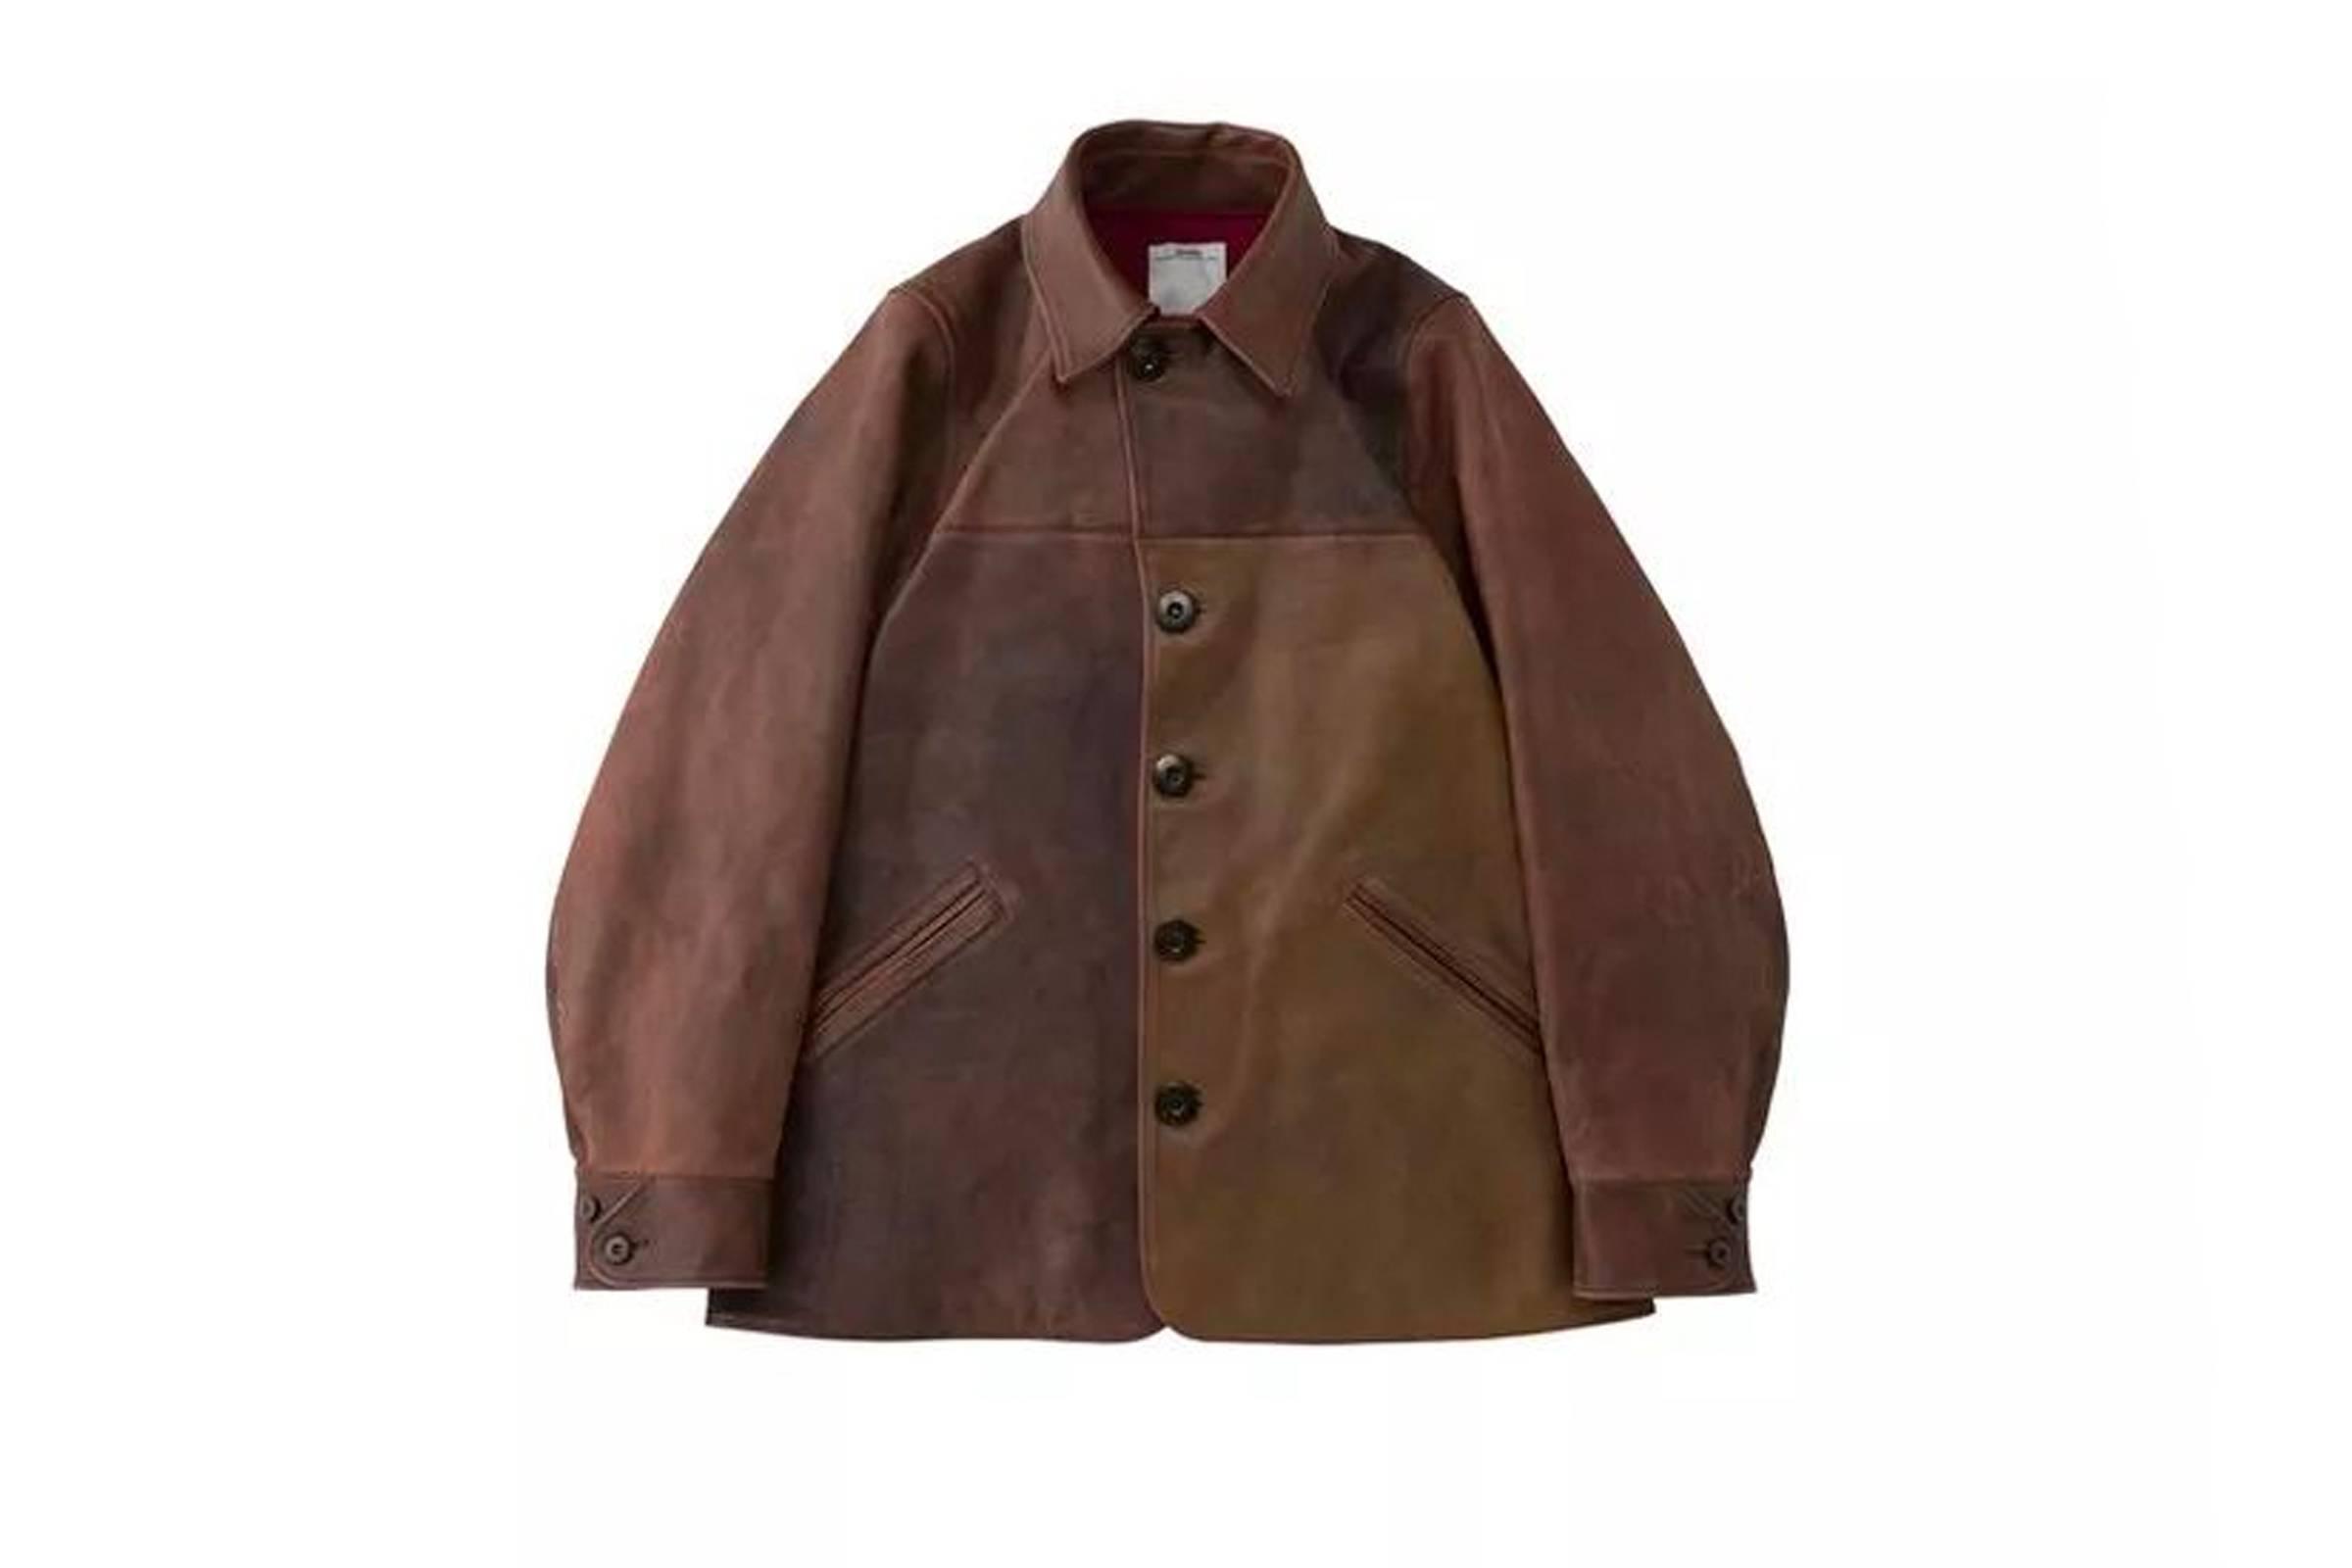 Visvim IT 1920 Riders Jacket